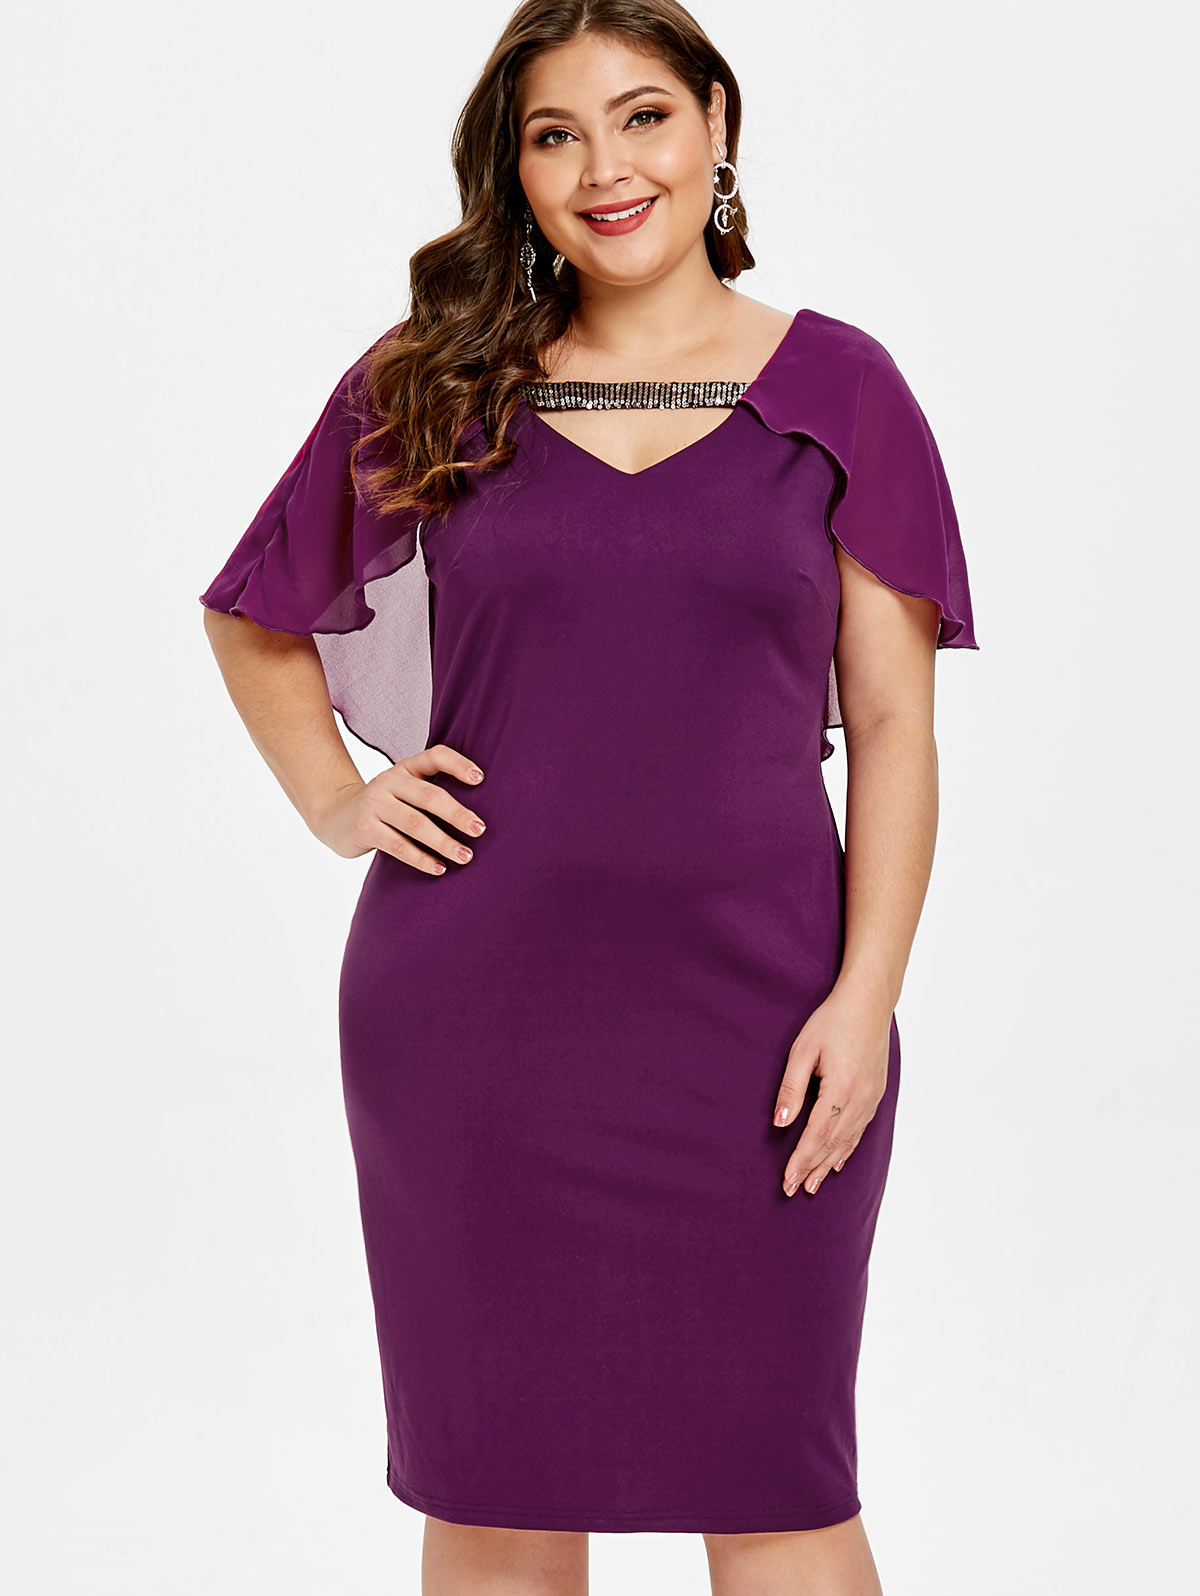 24644f6fd0 Wipalo kobiety Plus Size Cut Out olśniewająca szczegóły Bodycon sukienka  dziurka szyi płaszcz rękawy wzburzyć stałe